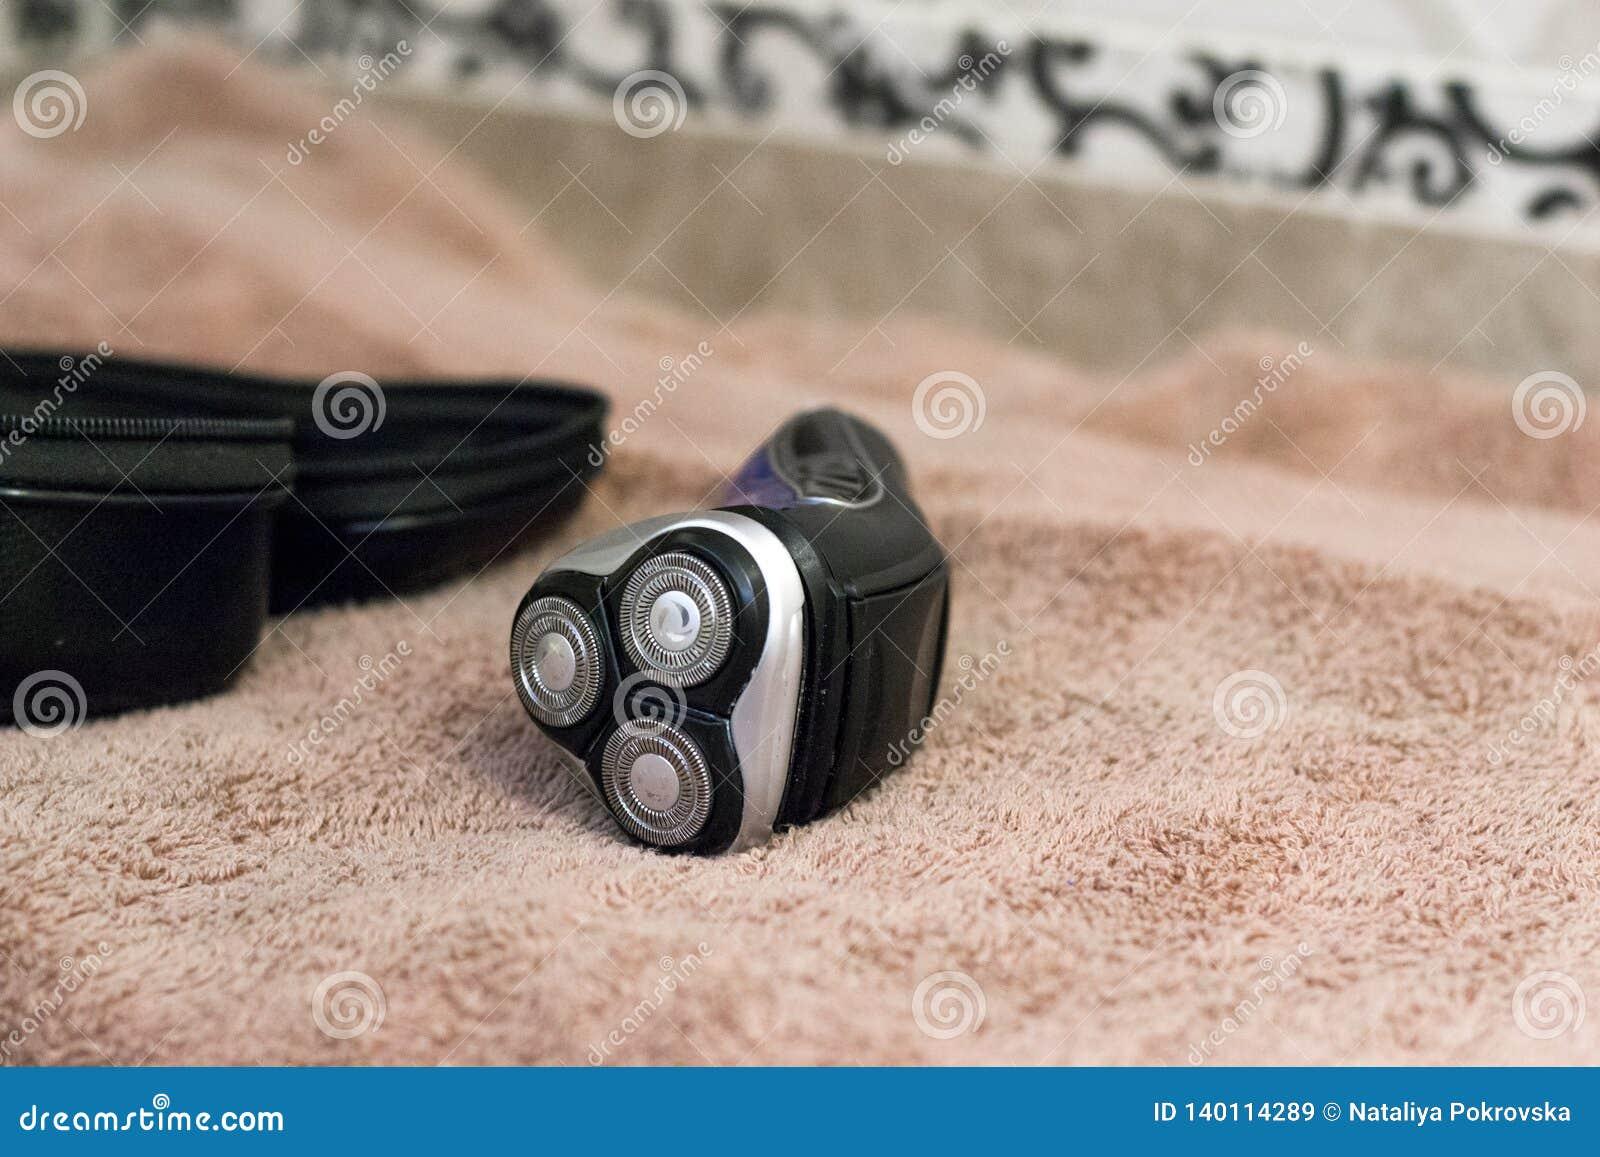 Rasoir rotatoire bleu électrique avec trois lames près des serviettes noires de cas et de bain